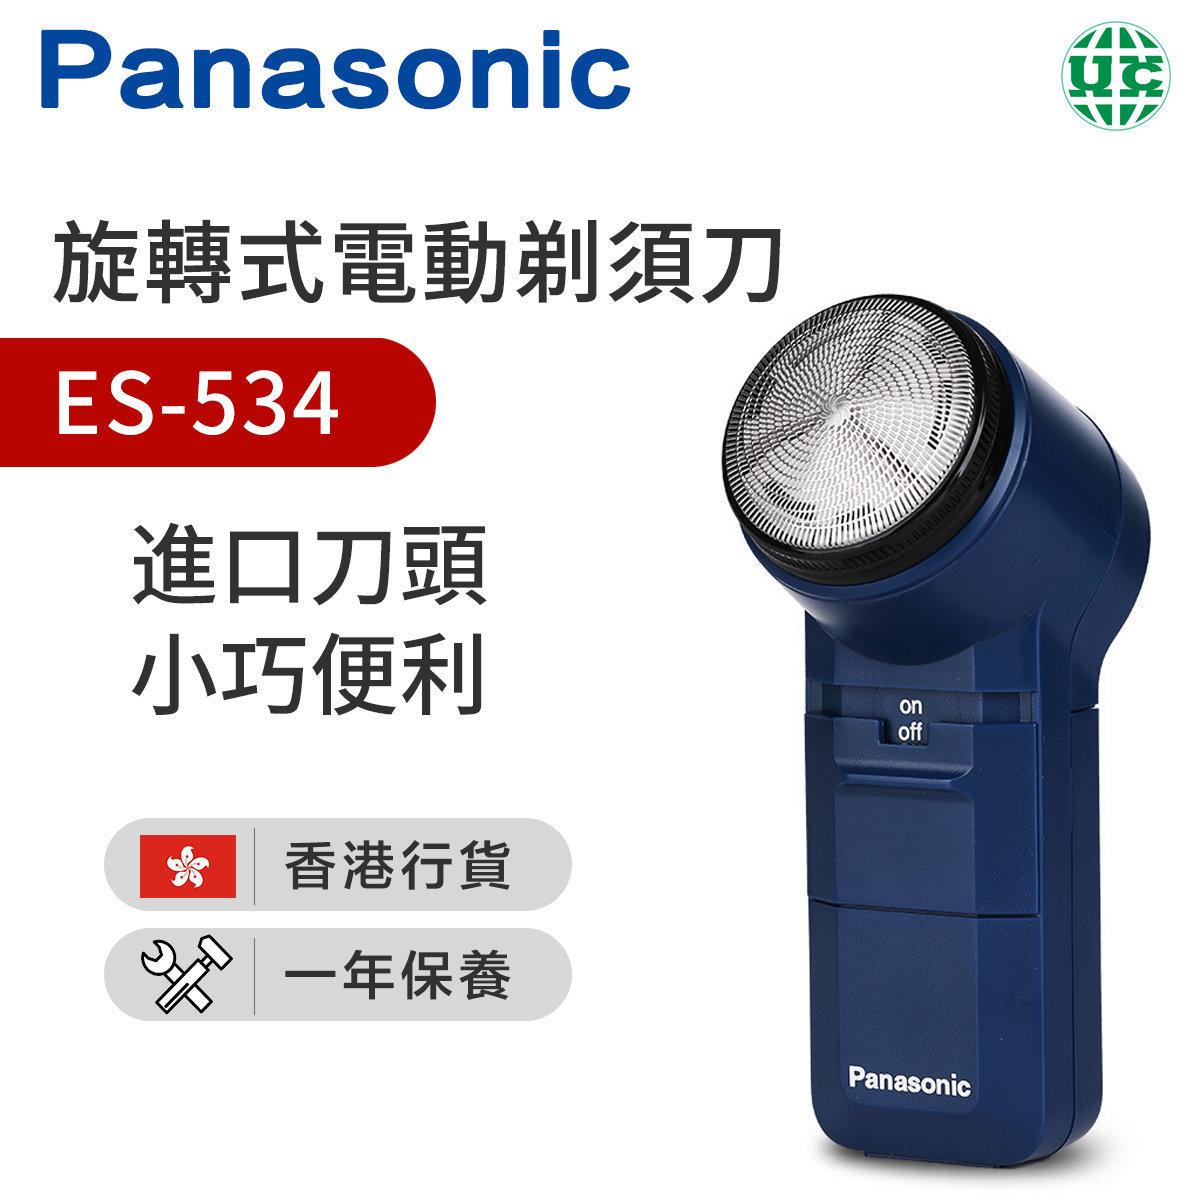 ES-534 Battery Shaver(Hong Kong licensed)